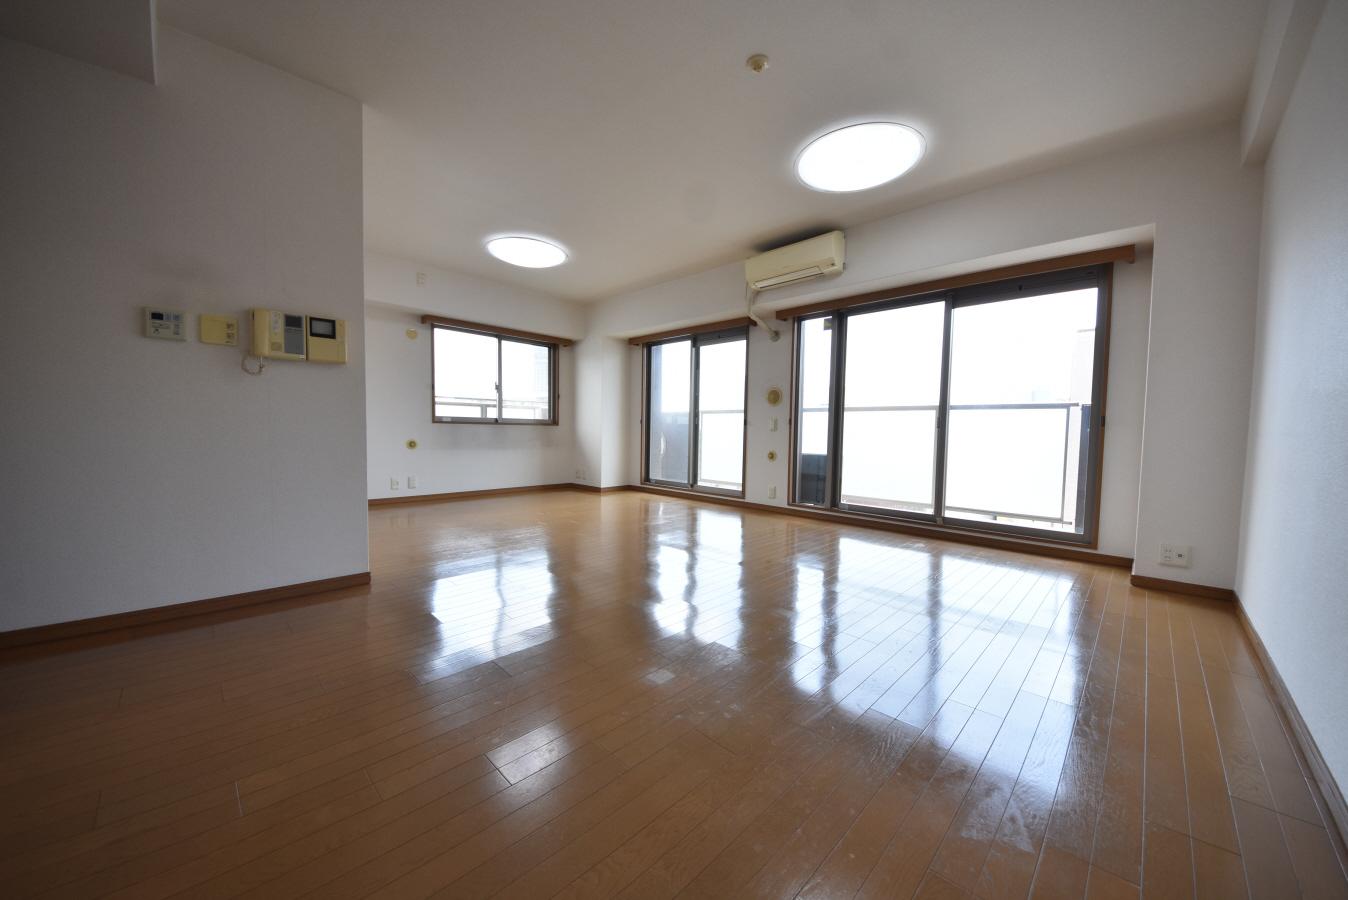 物件番号: 1025884045 ローレル・トアスクエア  神戸市中央区中山手通2丁目 1SLDK マンション 画像2